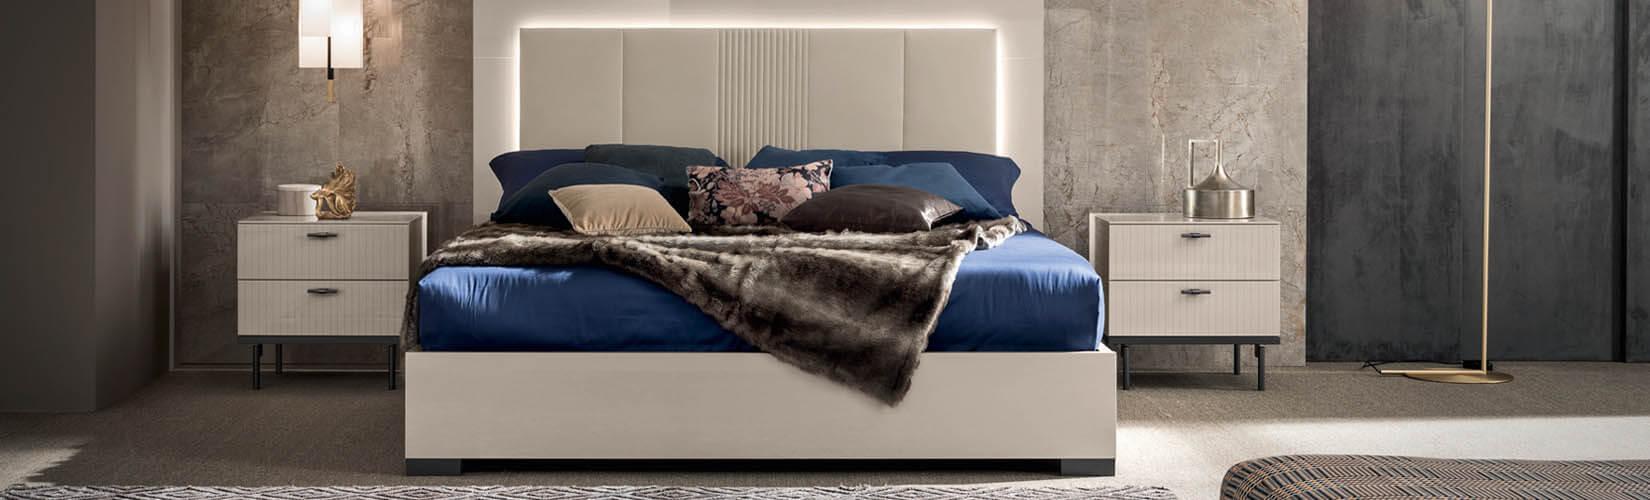 Alf Italia Designer Italian Furniture: Brand Focus